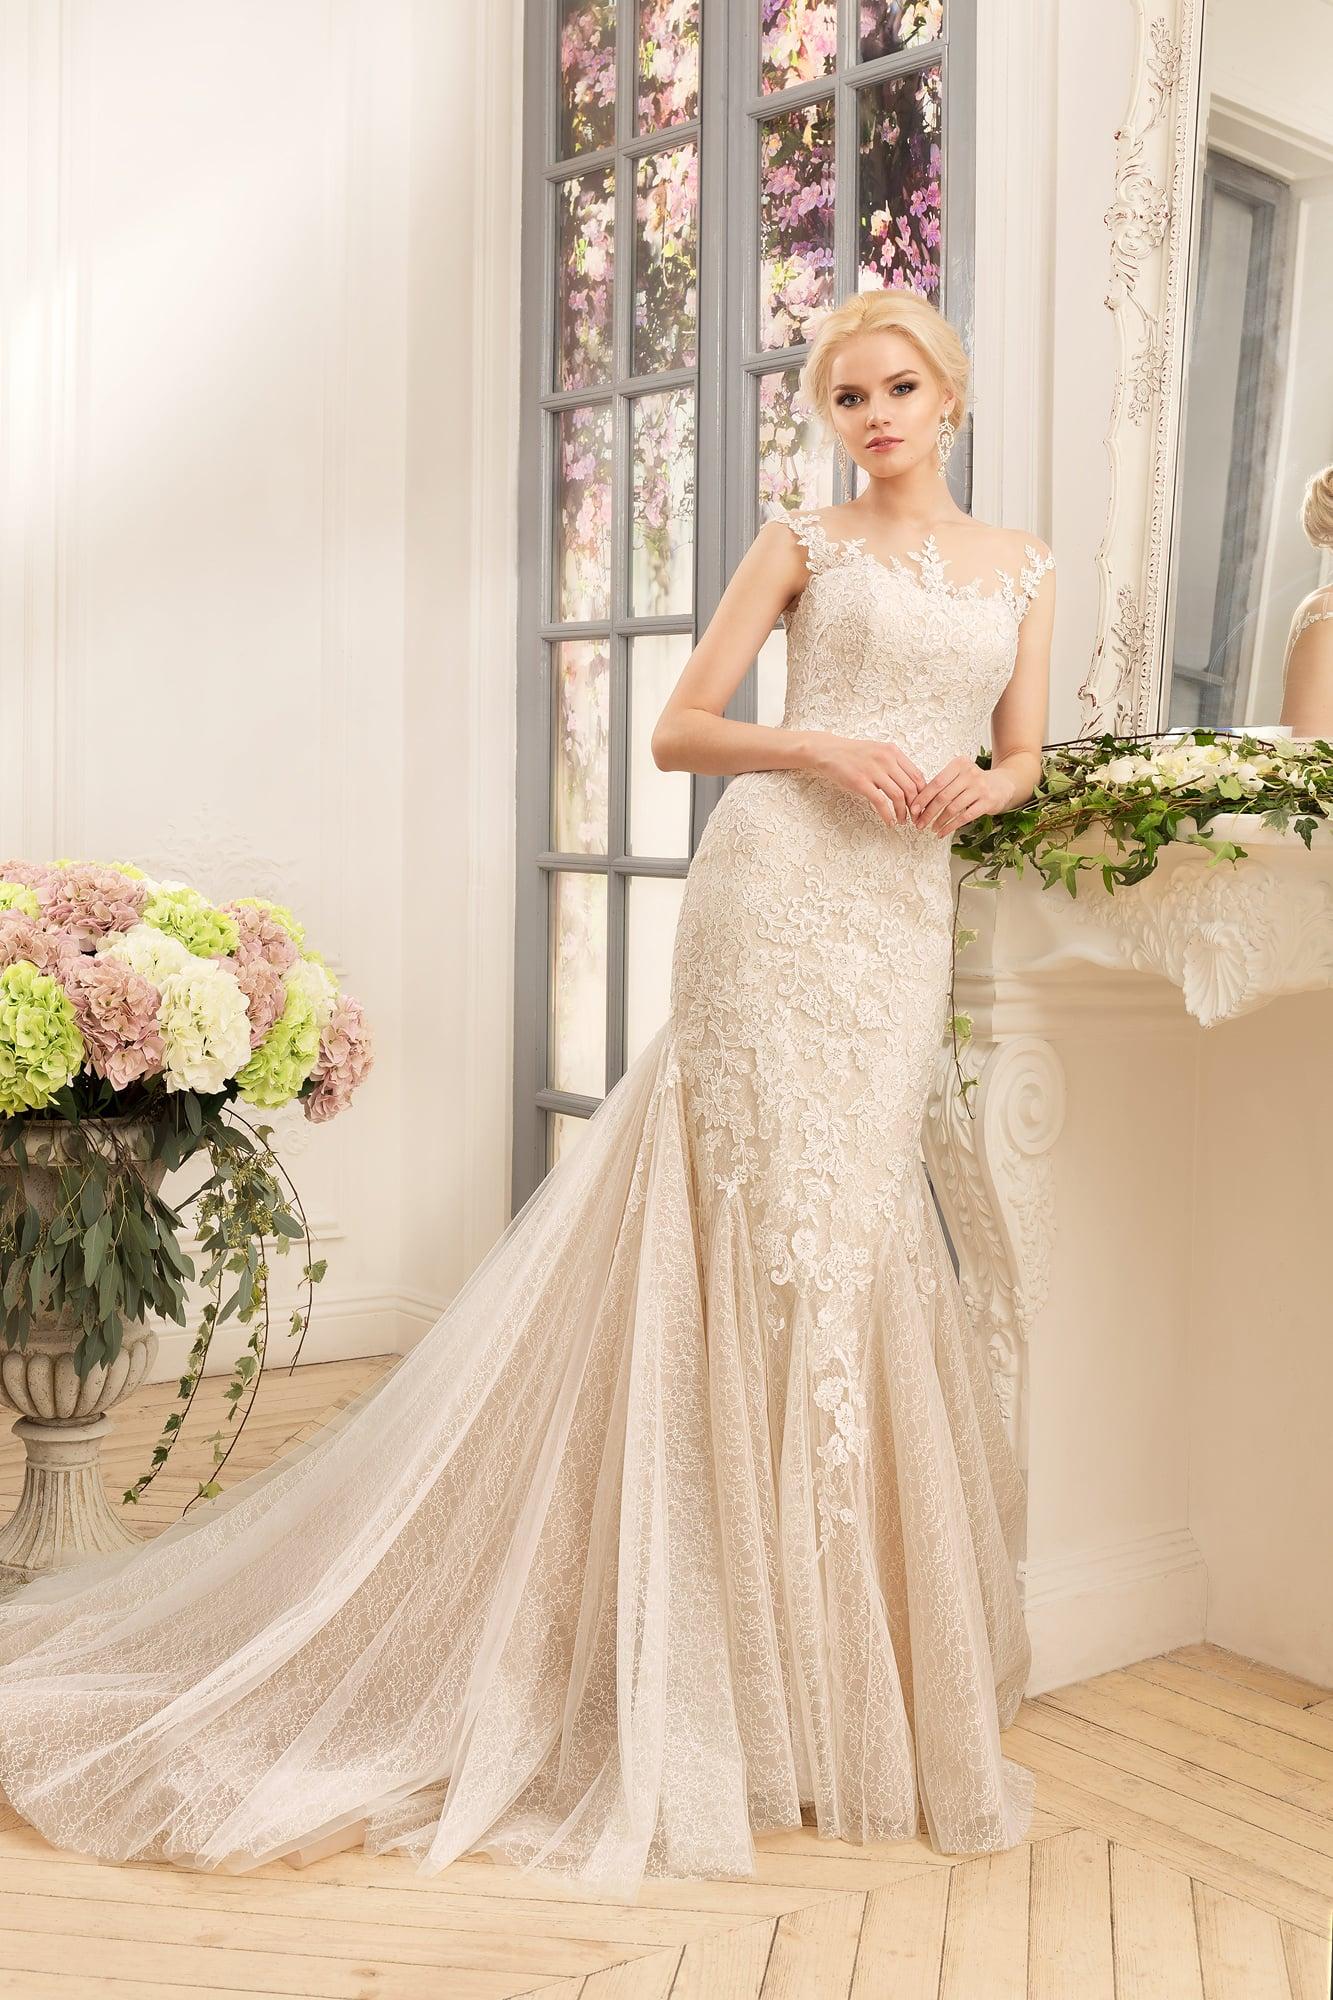 bf142a3daa16038 Свадебное платье с силуэтом «рыбка» из ткани бежевого цвета с открытой  ажурной спинкой.